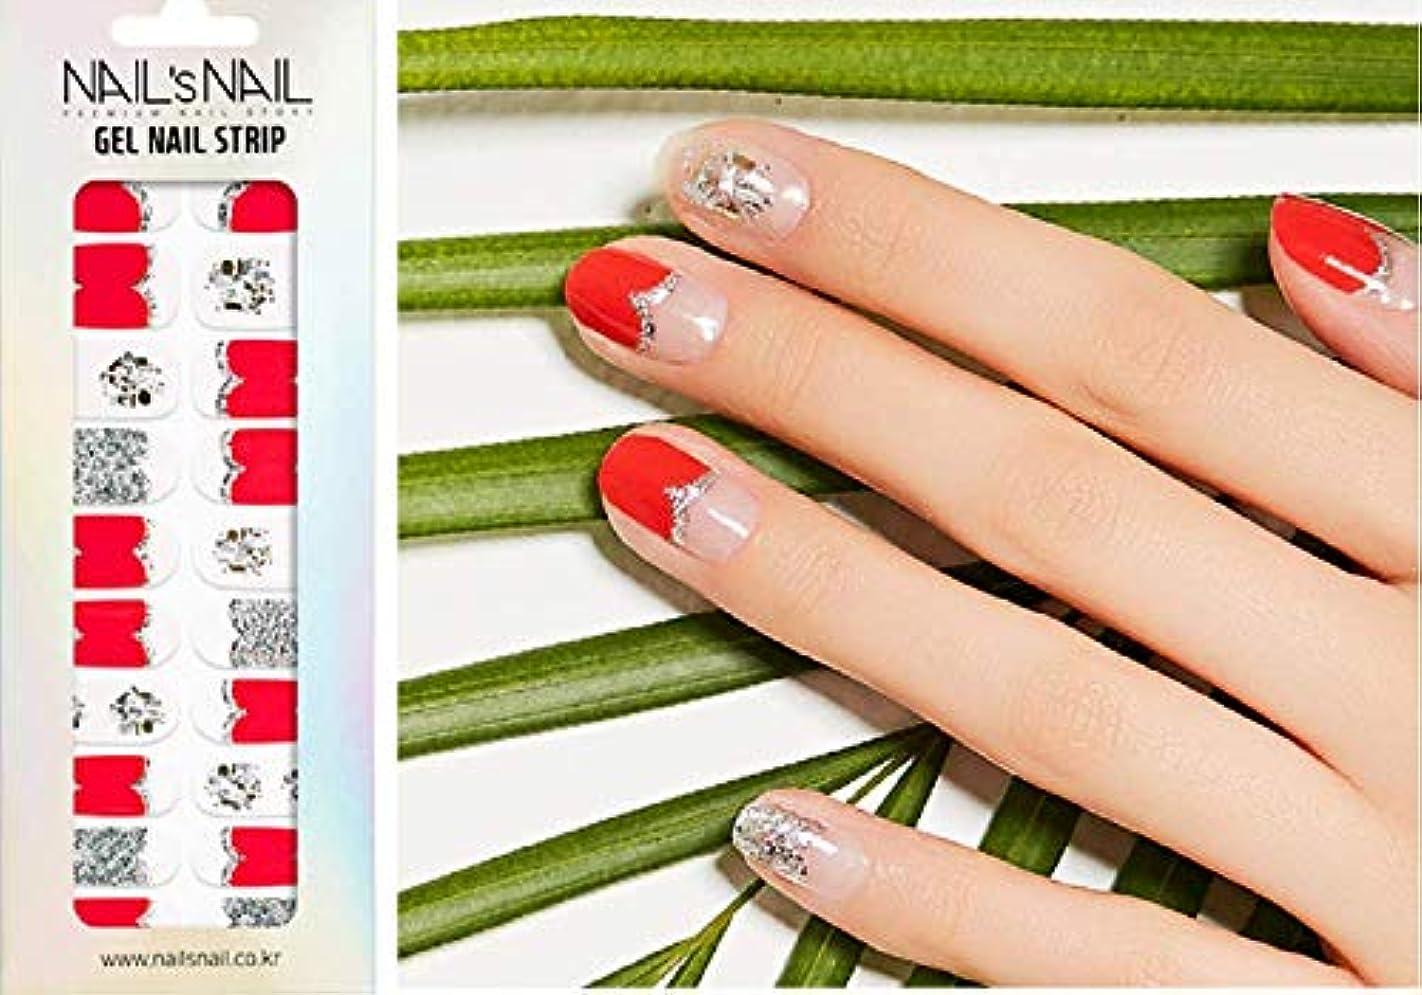 試み海里ポルティコ\貼るジェルネイル/Nail's Nail(ネイルスネイル) ジェルネイルストリップ 137